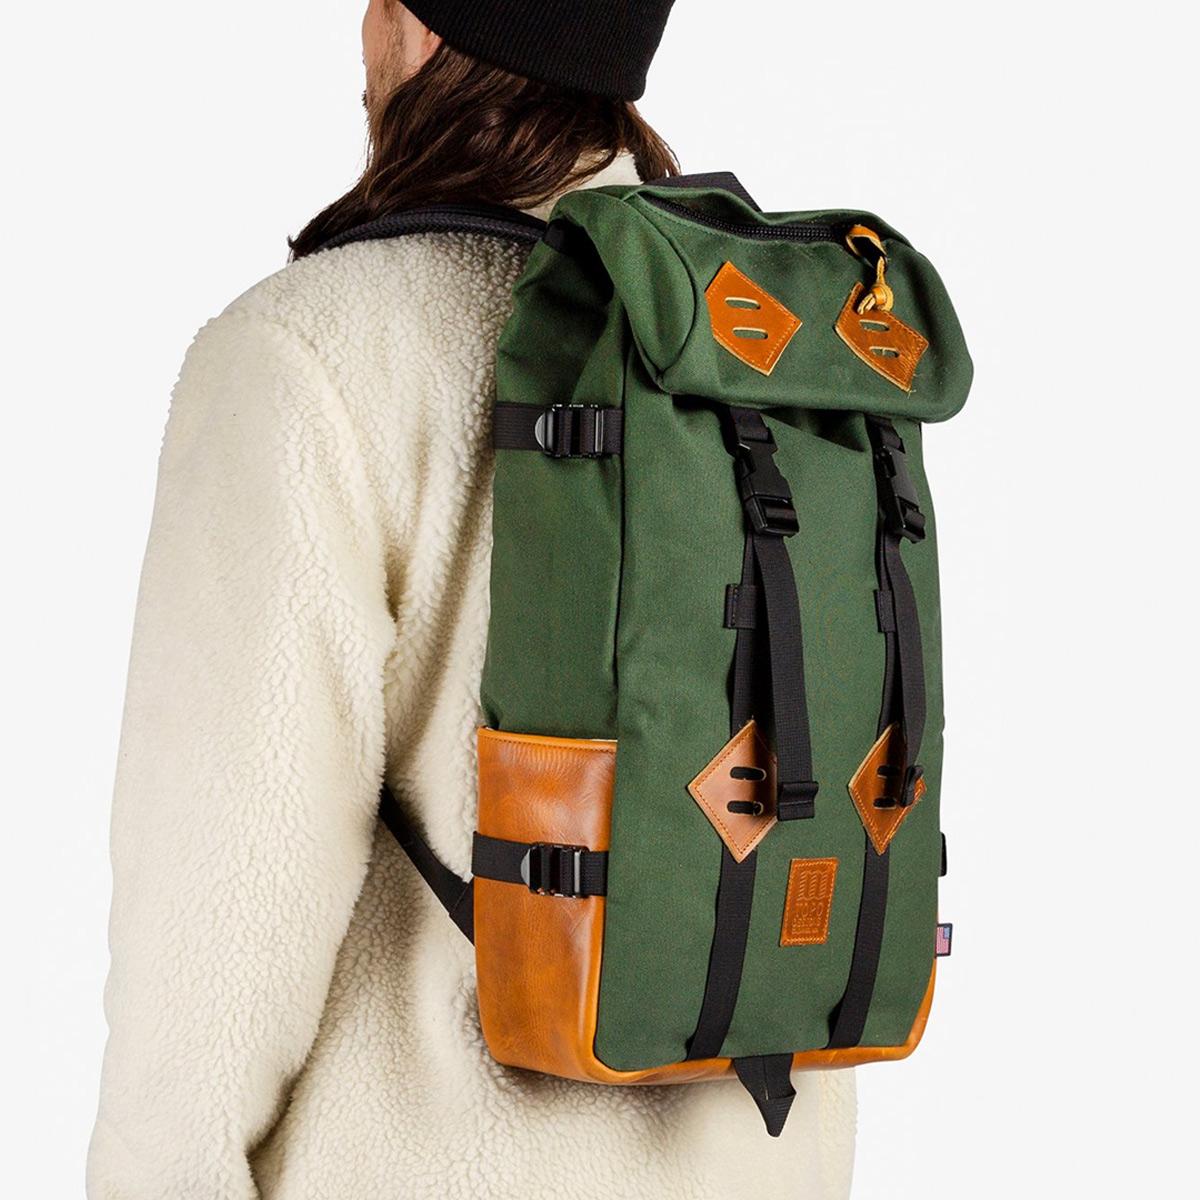 Topo Designs Klettersack Heritage Olive Canvas/Brown Leather, ideale rugzak voor reizen, citytrip, wandelen of andere outdoor activiteiten